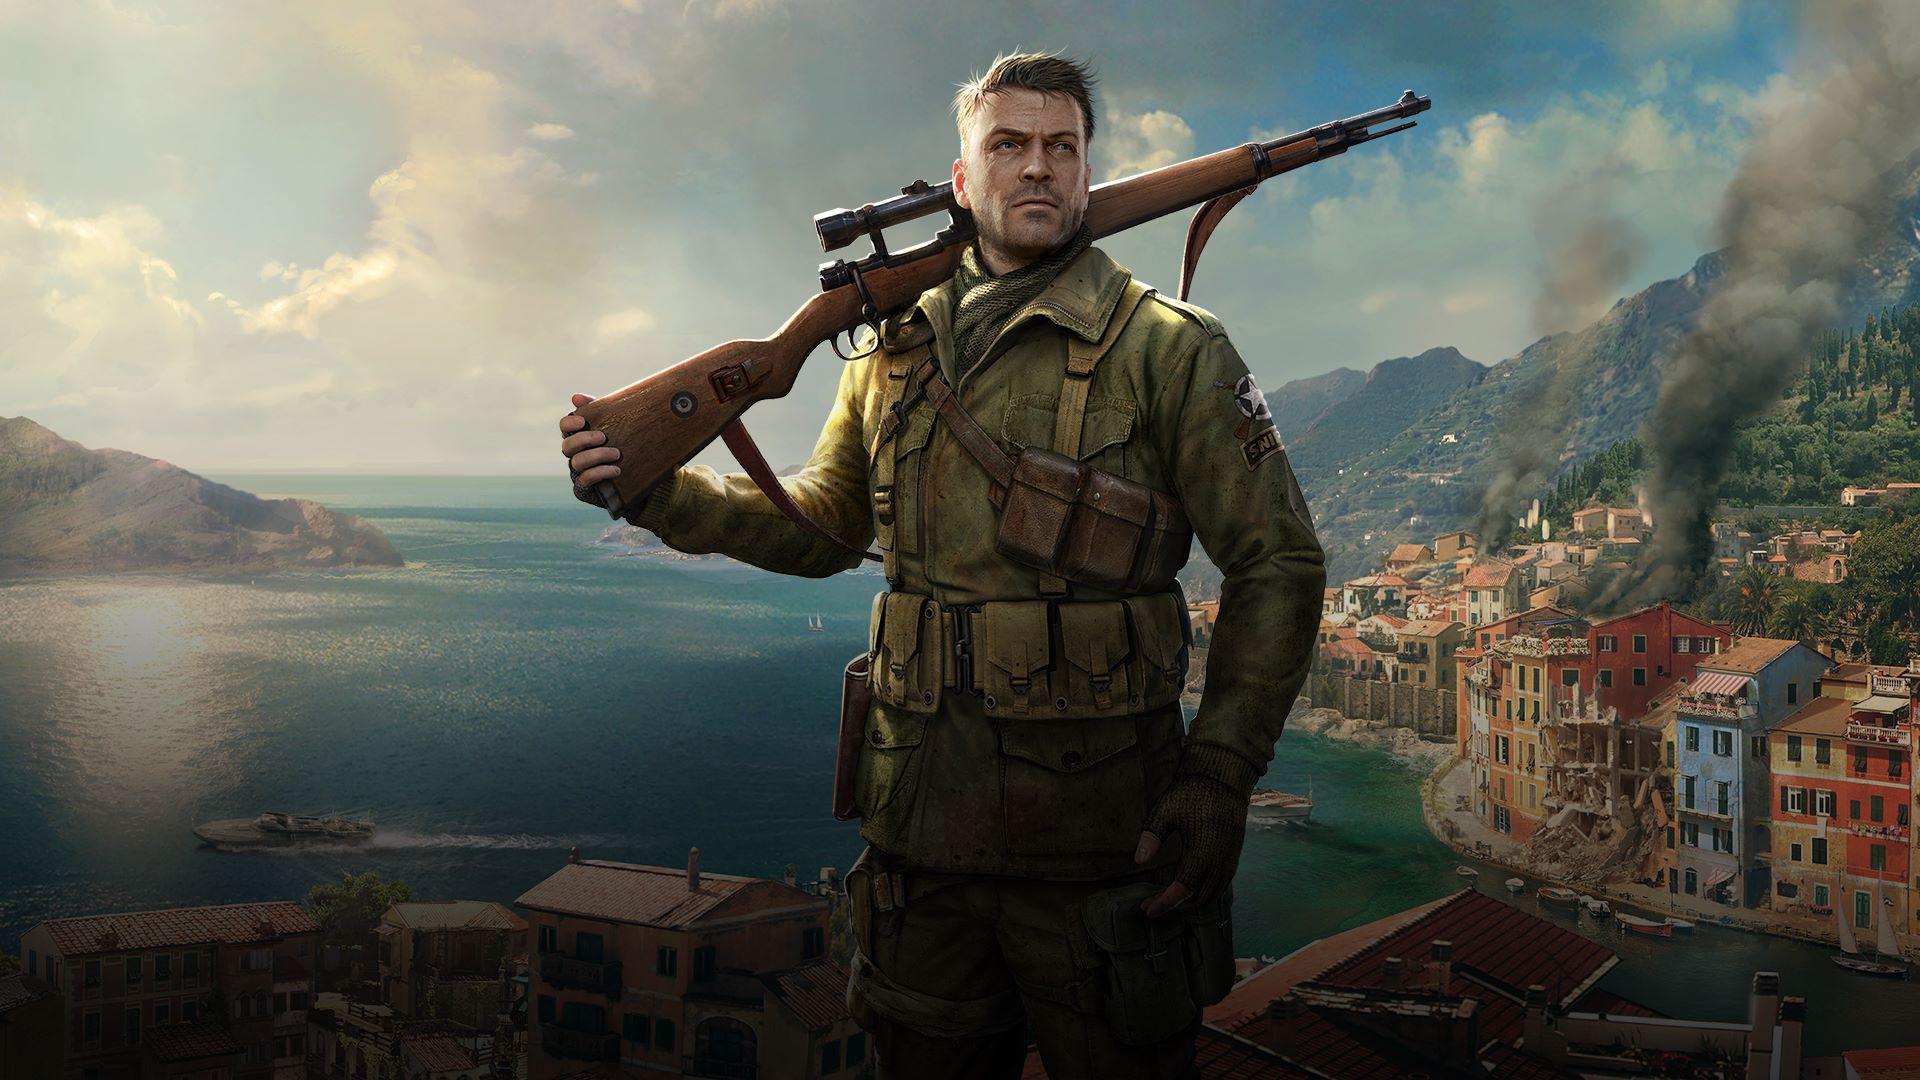 Сразу 4 игры посерии Sniper Elite нас ожидают вближайшем будущем